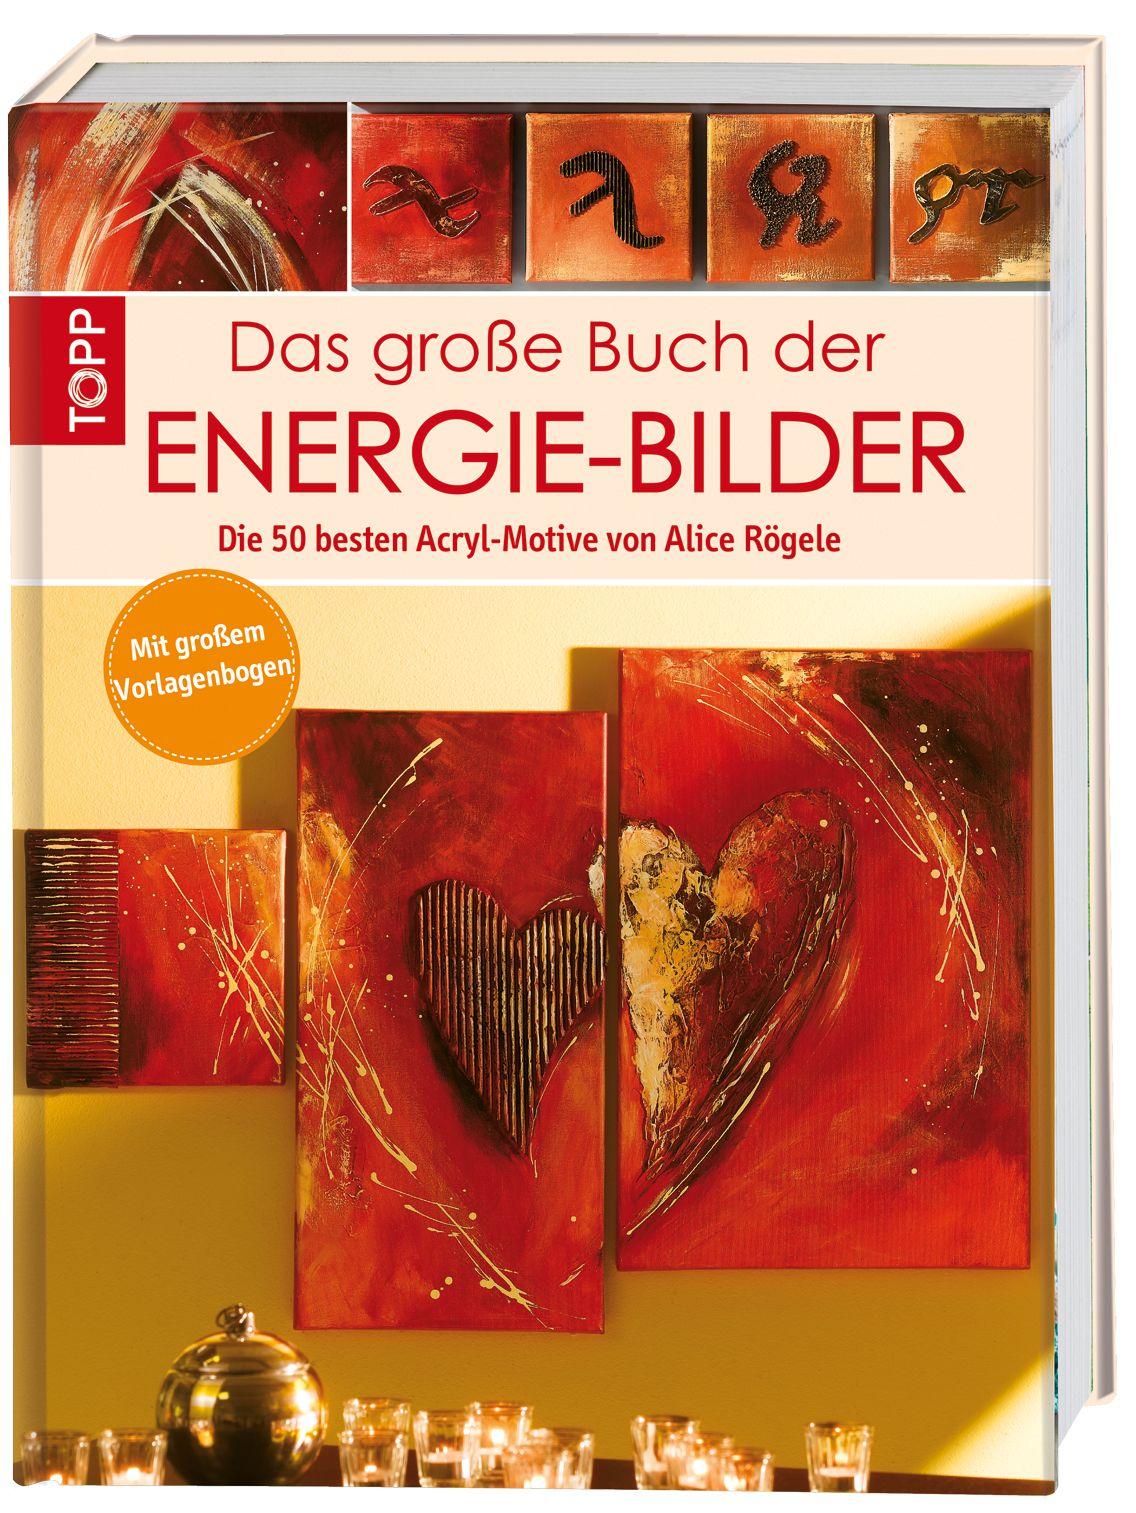 Nähen mit JERSEY - KLIMPERKLEIN | große Bücher, Energie und Acryl